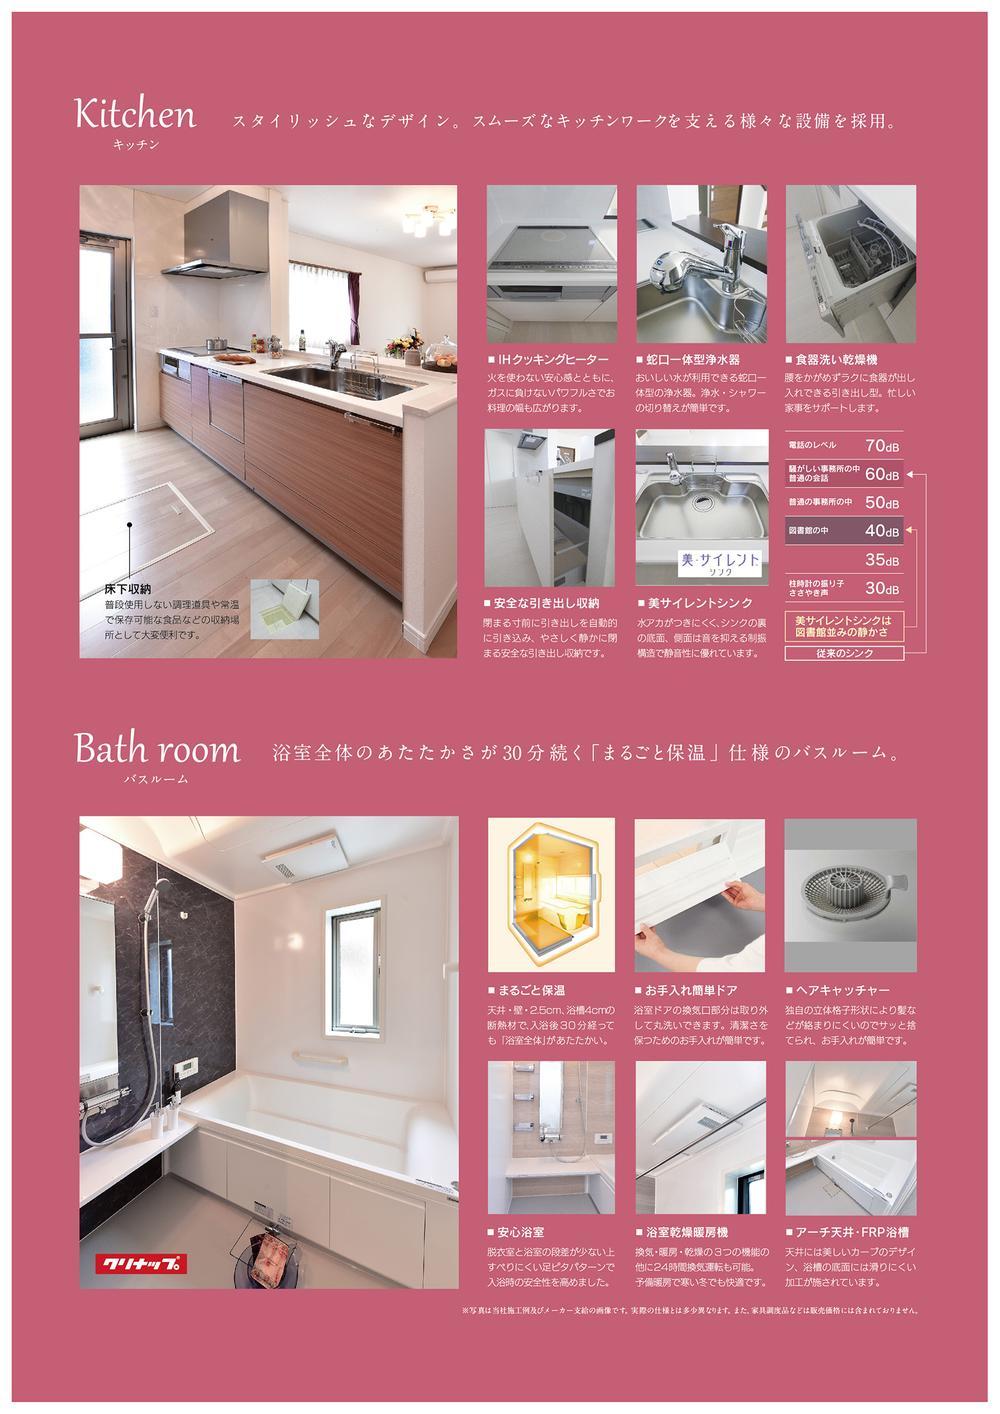 キッチン・浴室